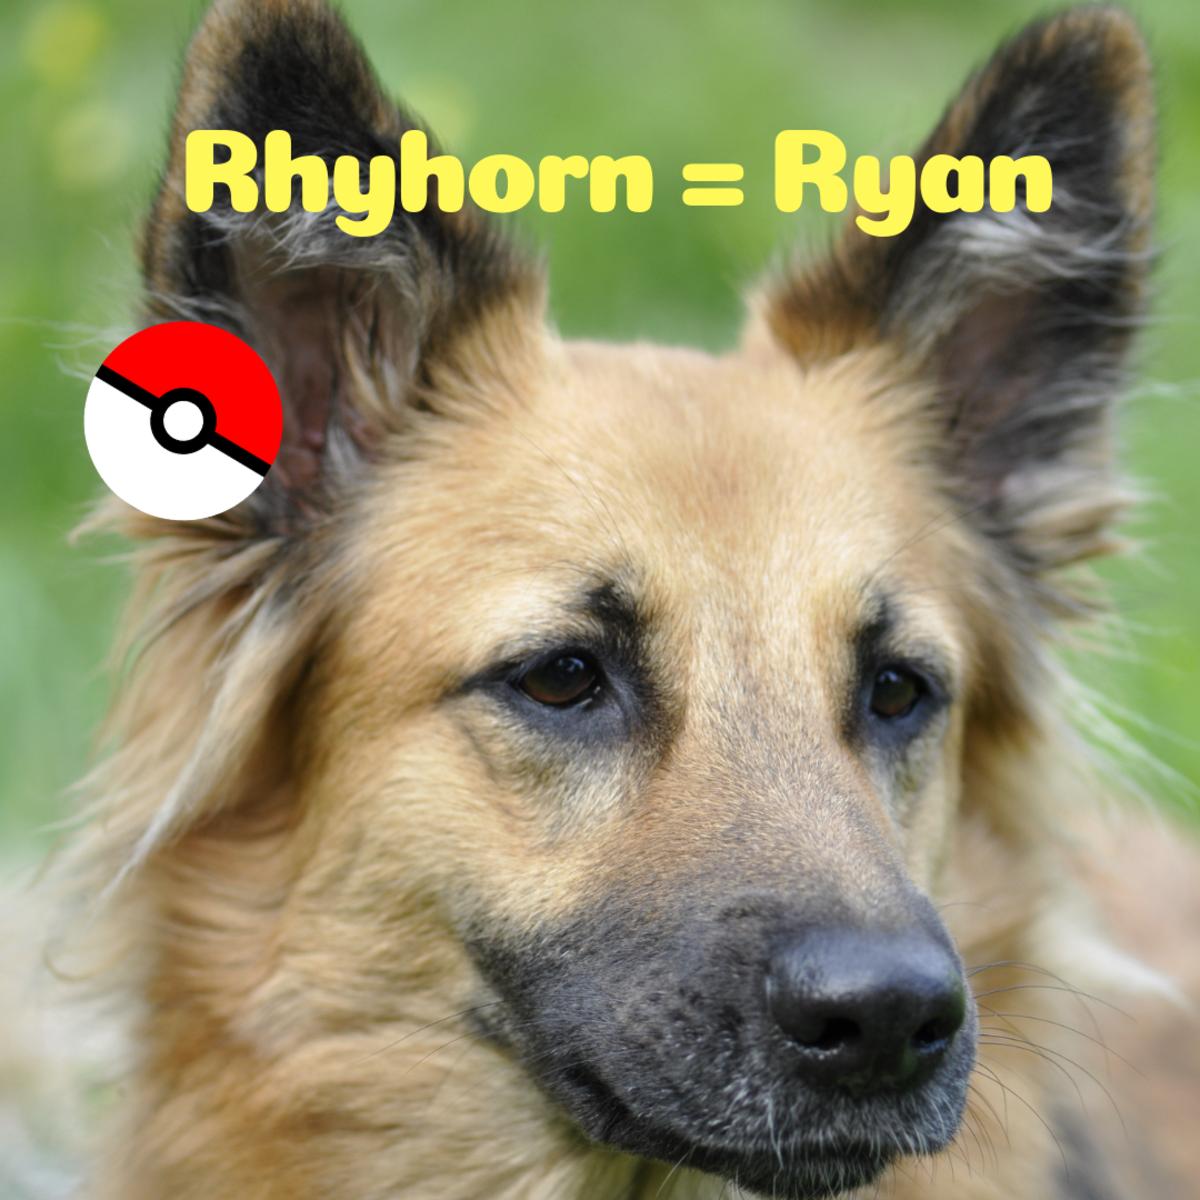 Is he a Ryan?